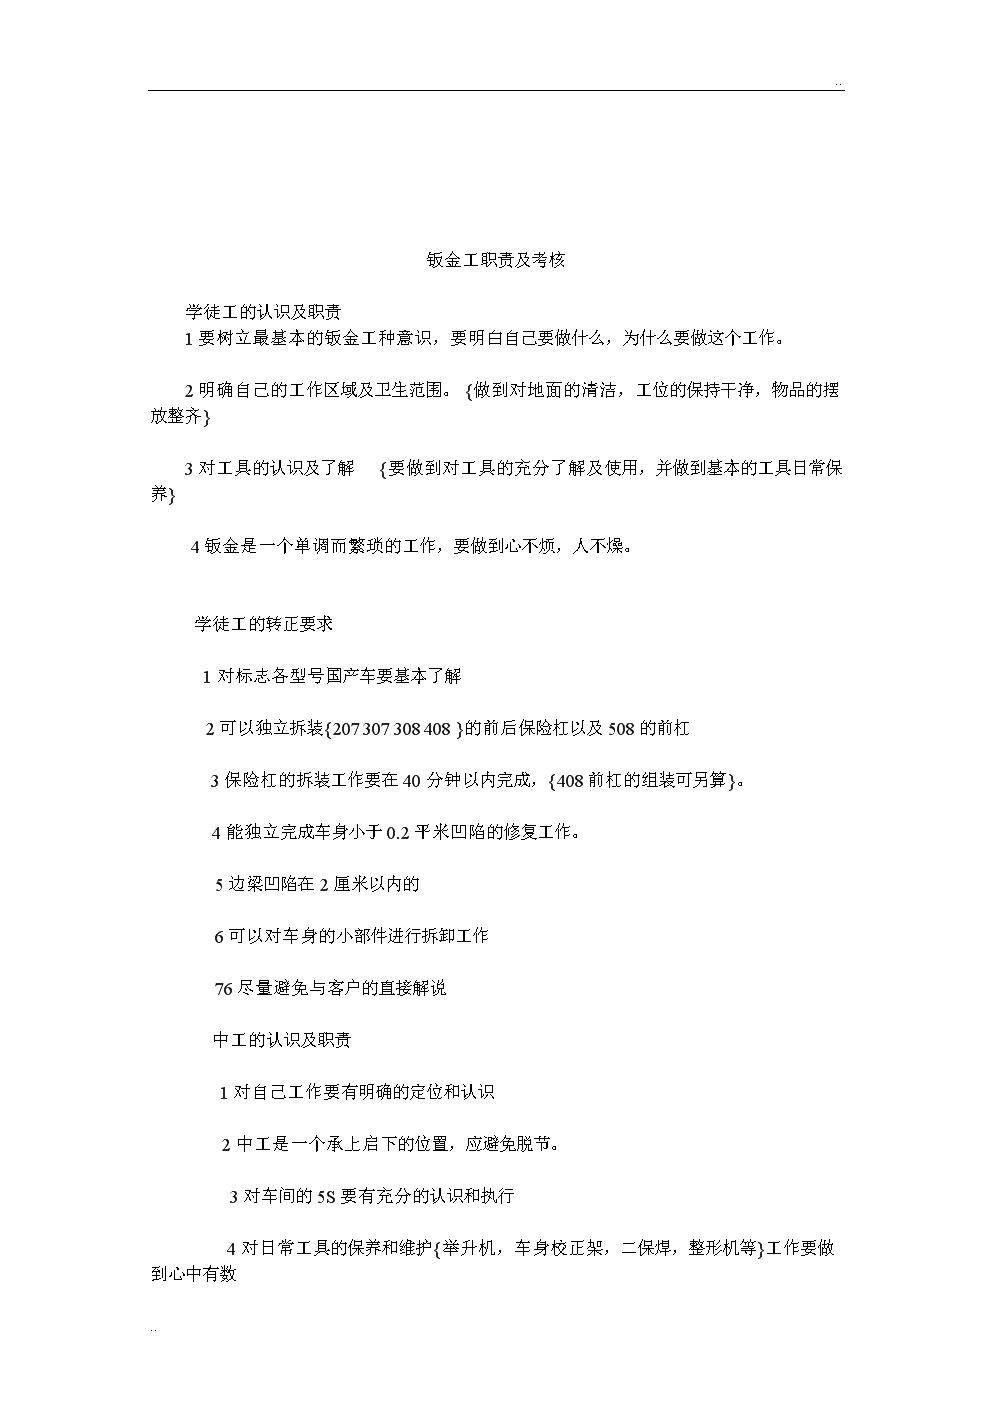 钣金工职责及考核.doc